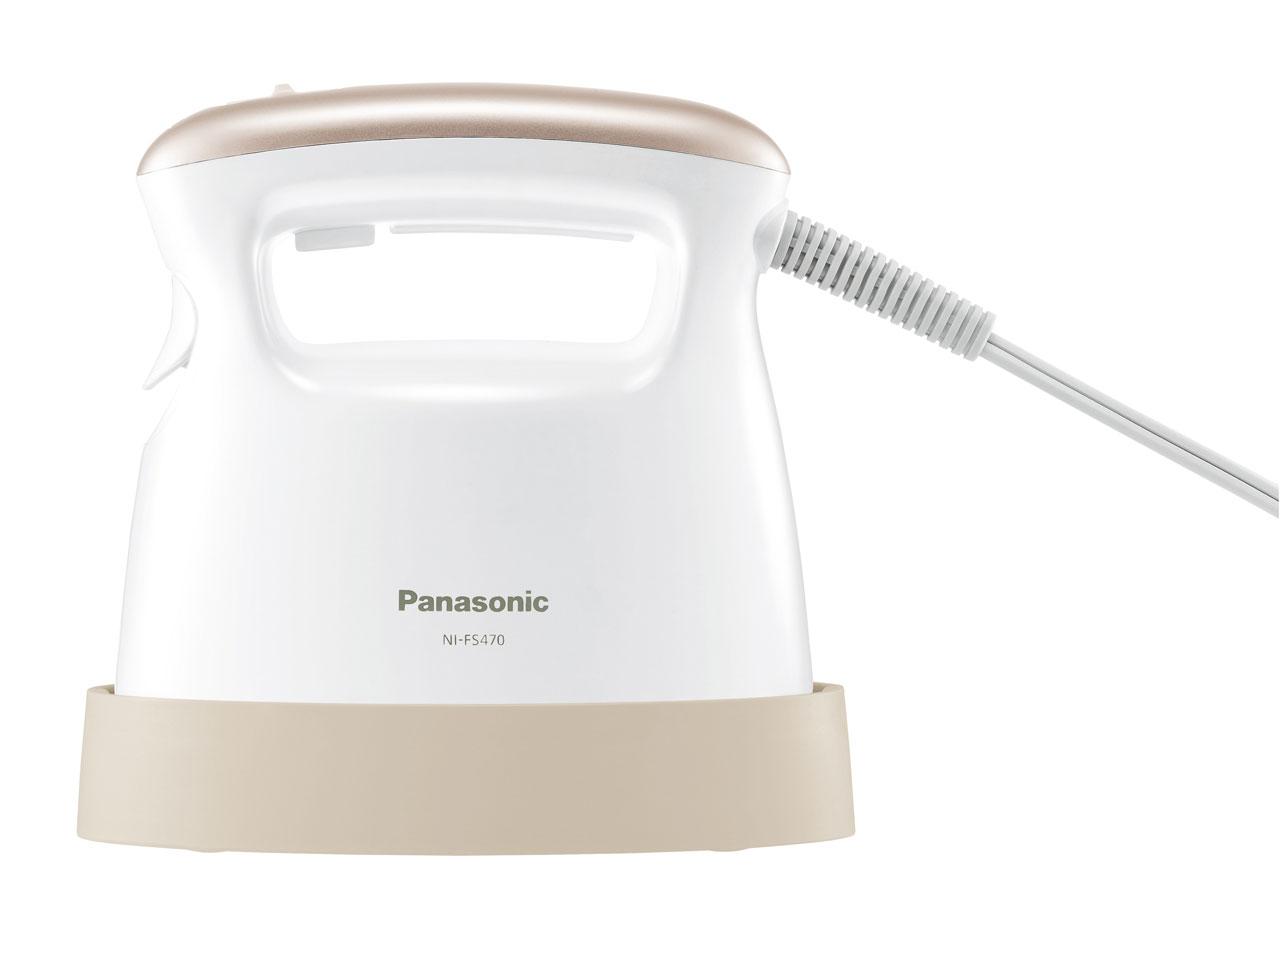 NI-FS470-PN [ピンクゴールド調] の製品画像